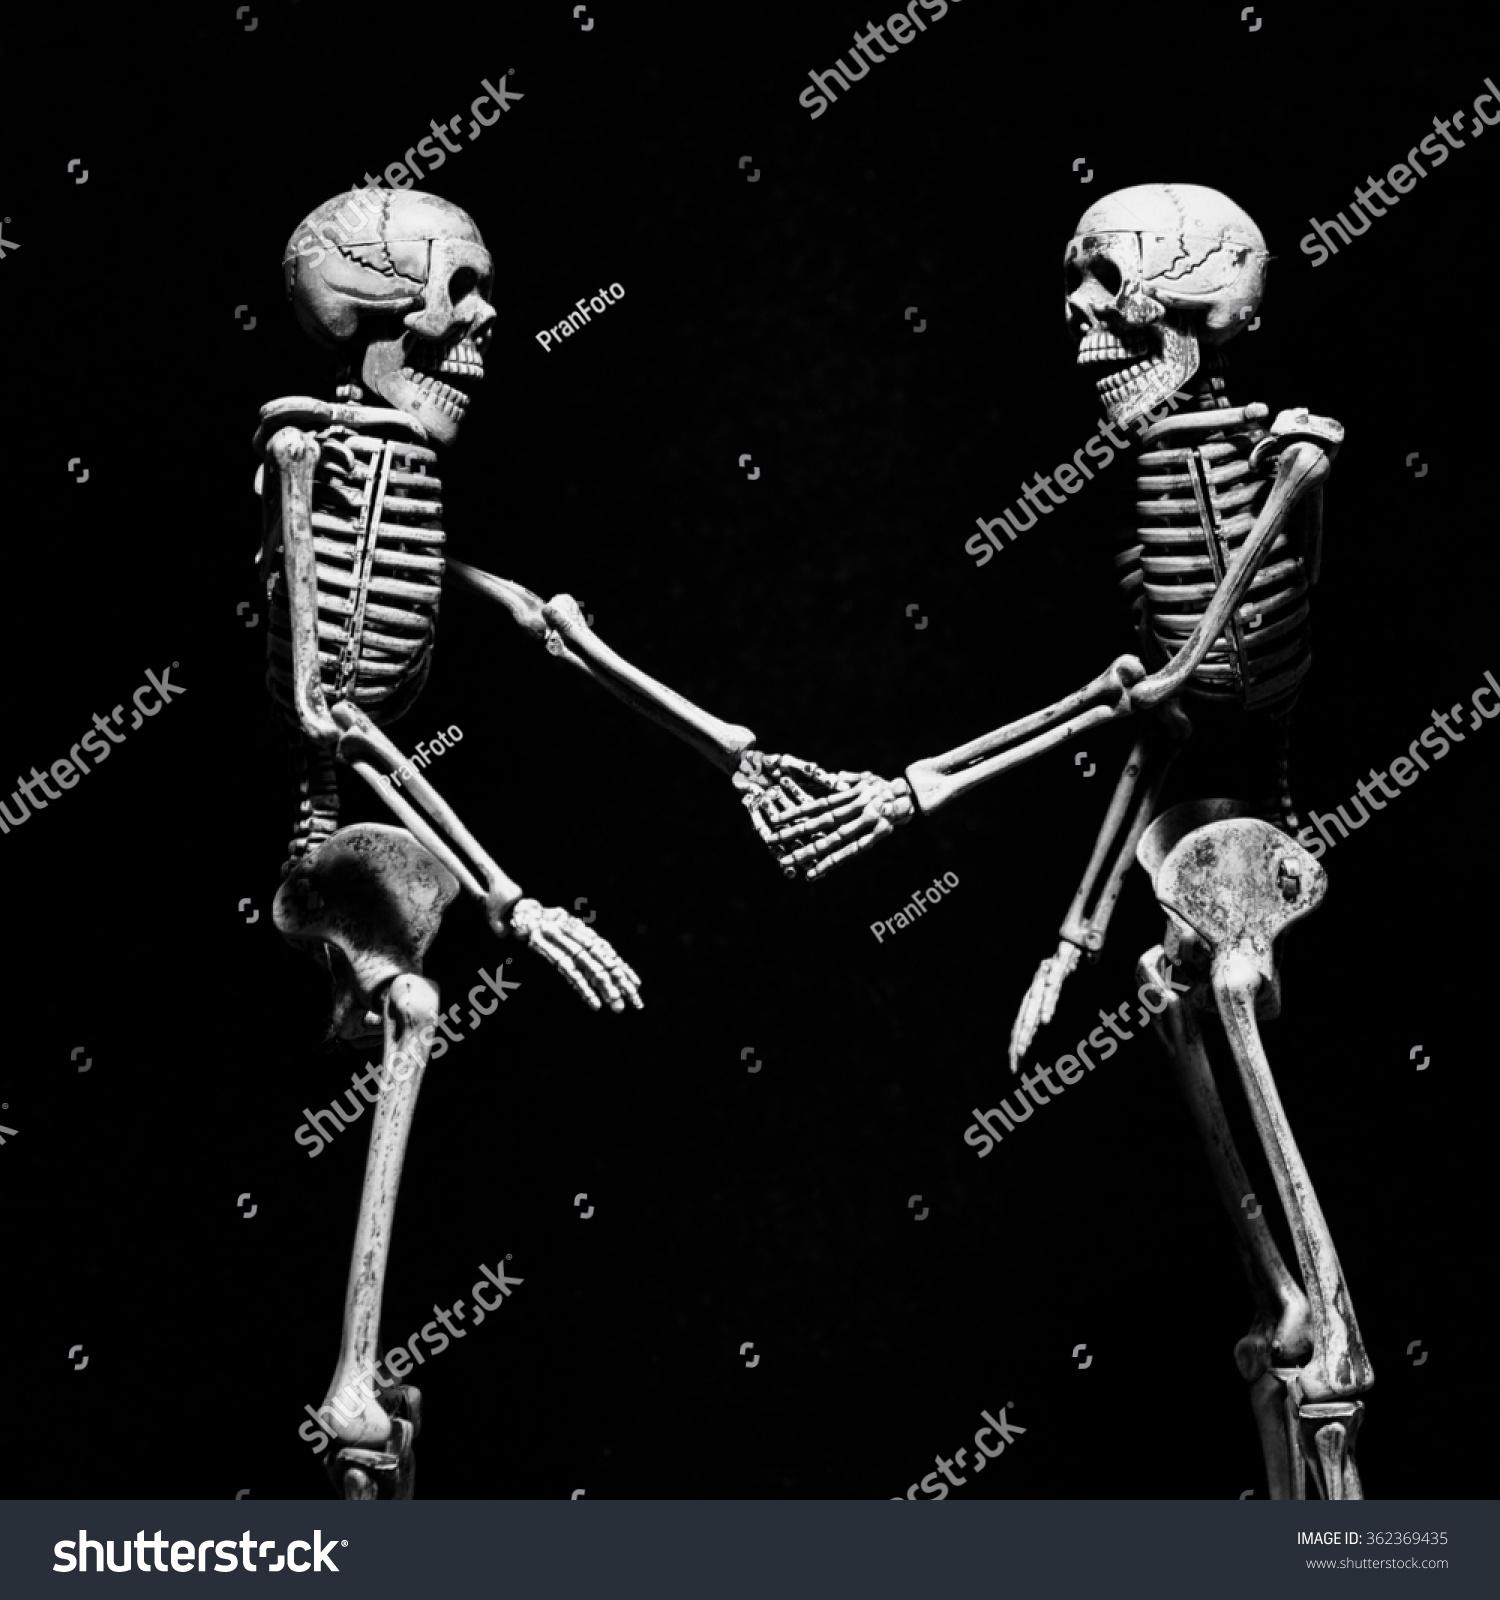 Skeletons Shaking Hands Stock Photo 362369435 - Shutterstock